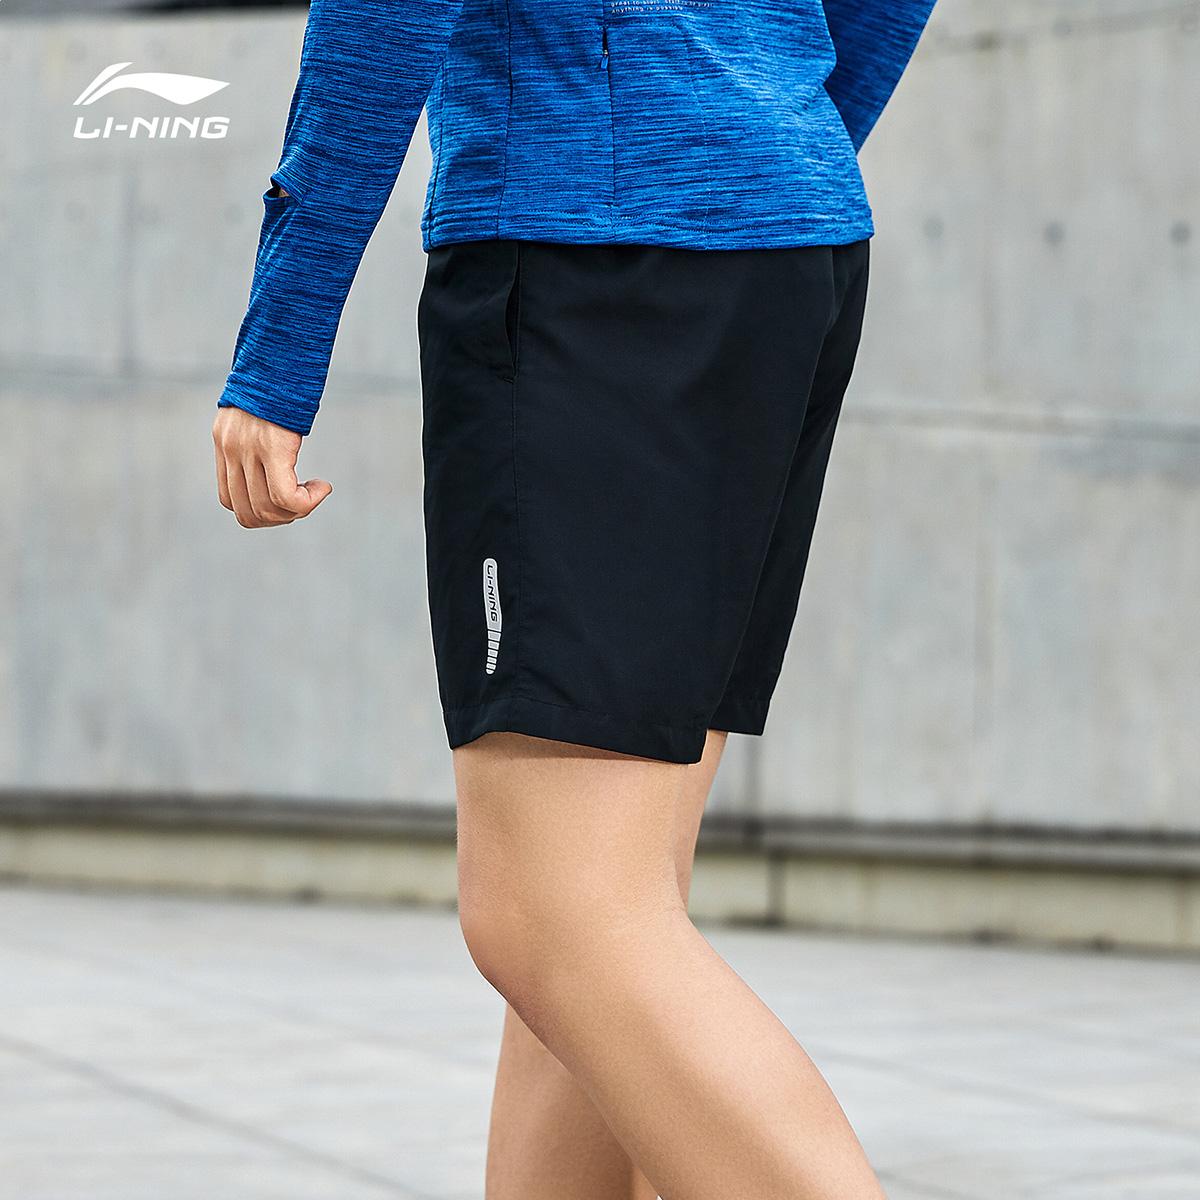 李宁短裤男运动裤子夏季新款速干五分裤宽松休闲健身跑步运动短裤